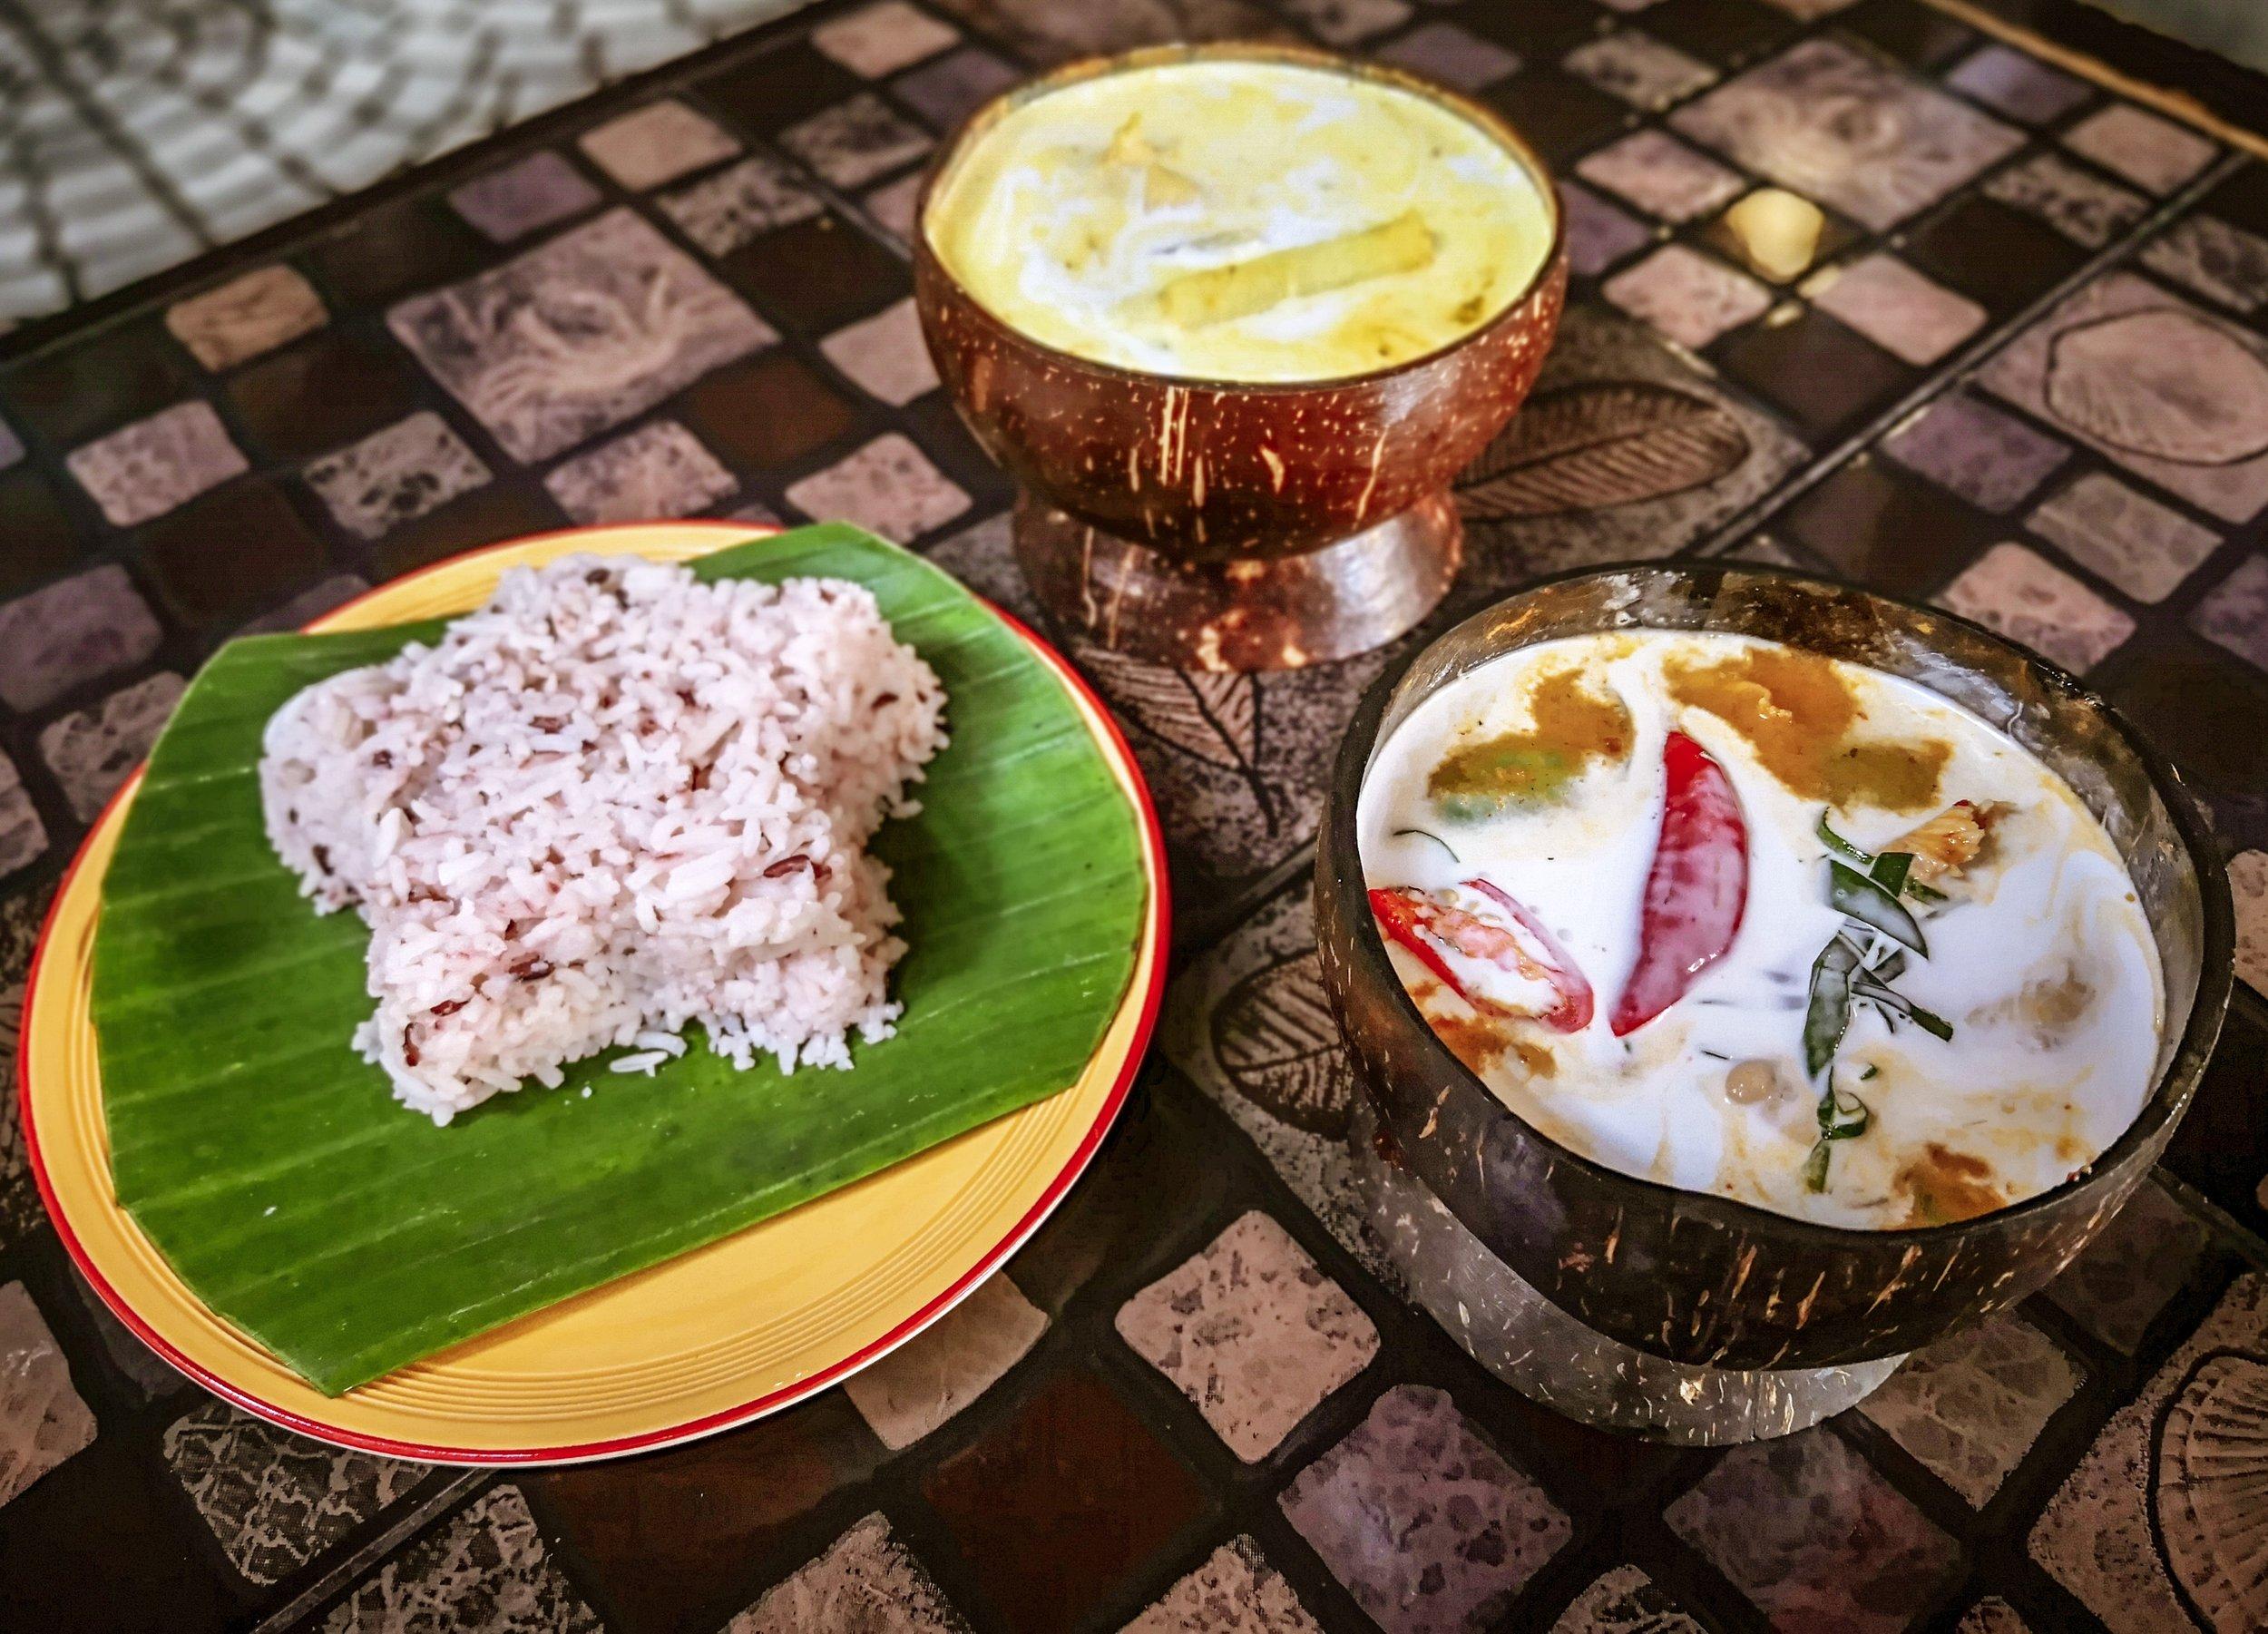 Panang curry és Masaman curry - Egyszerűen imádjuk! Forró, csípős, curry-s ízek, az egyik kókusztejjel, a másik még mogyoróval is gazdagítva